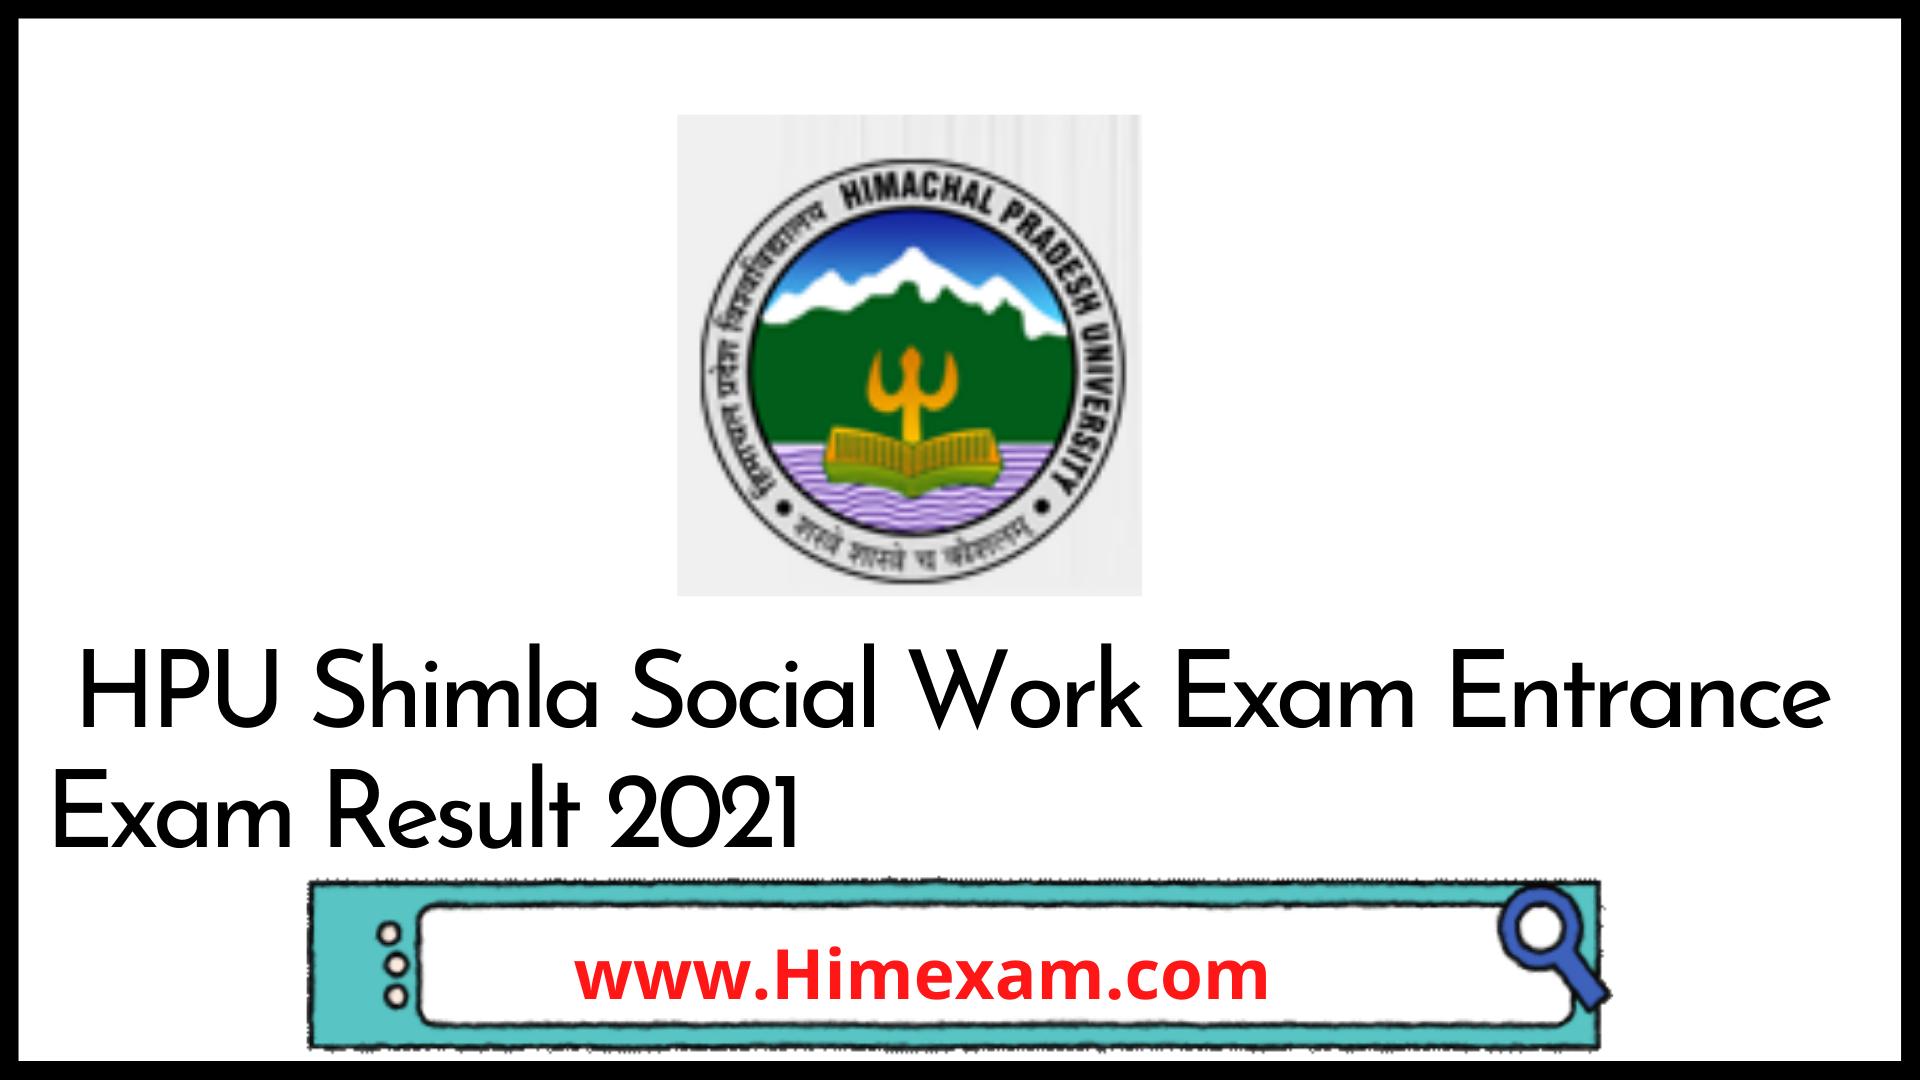 HPU Shimla Social Work Exam Entrance Exam Result 2021